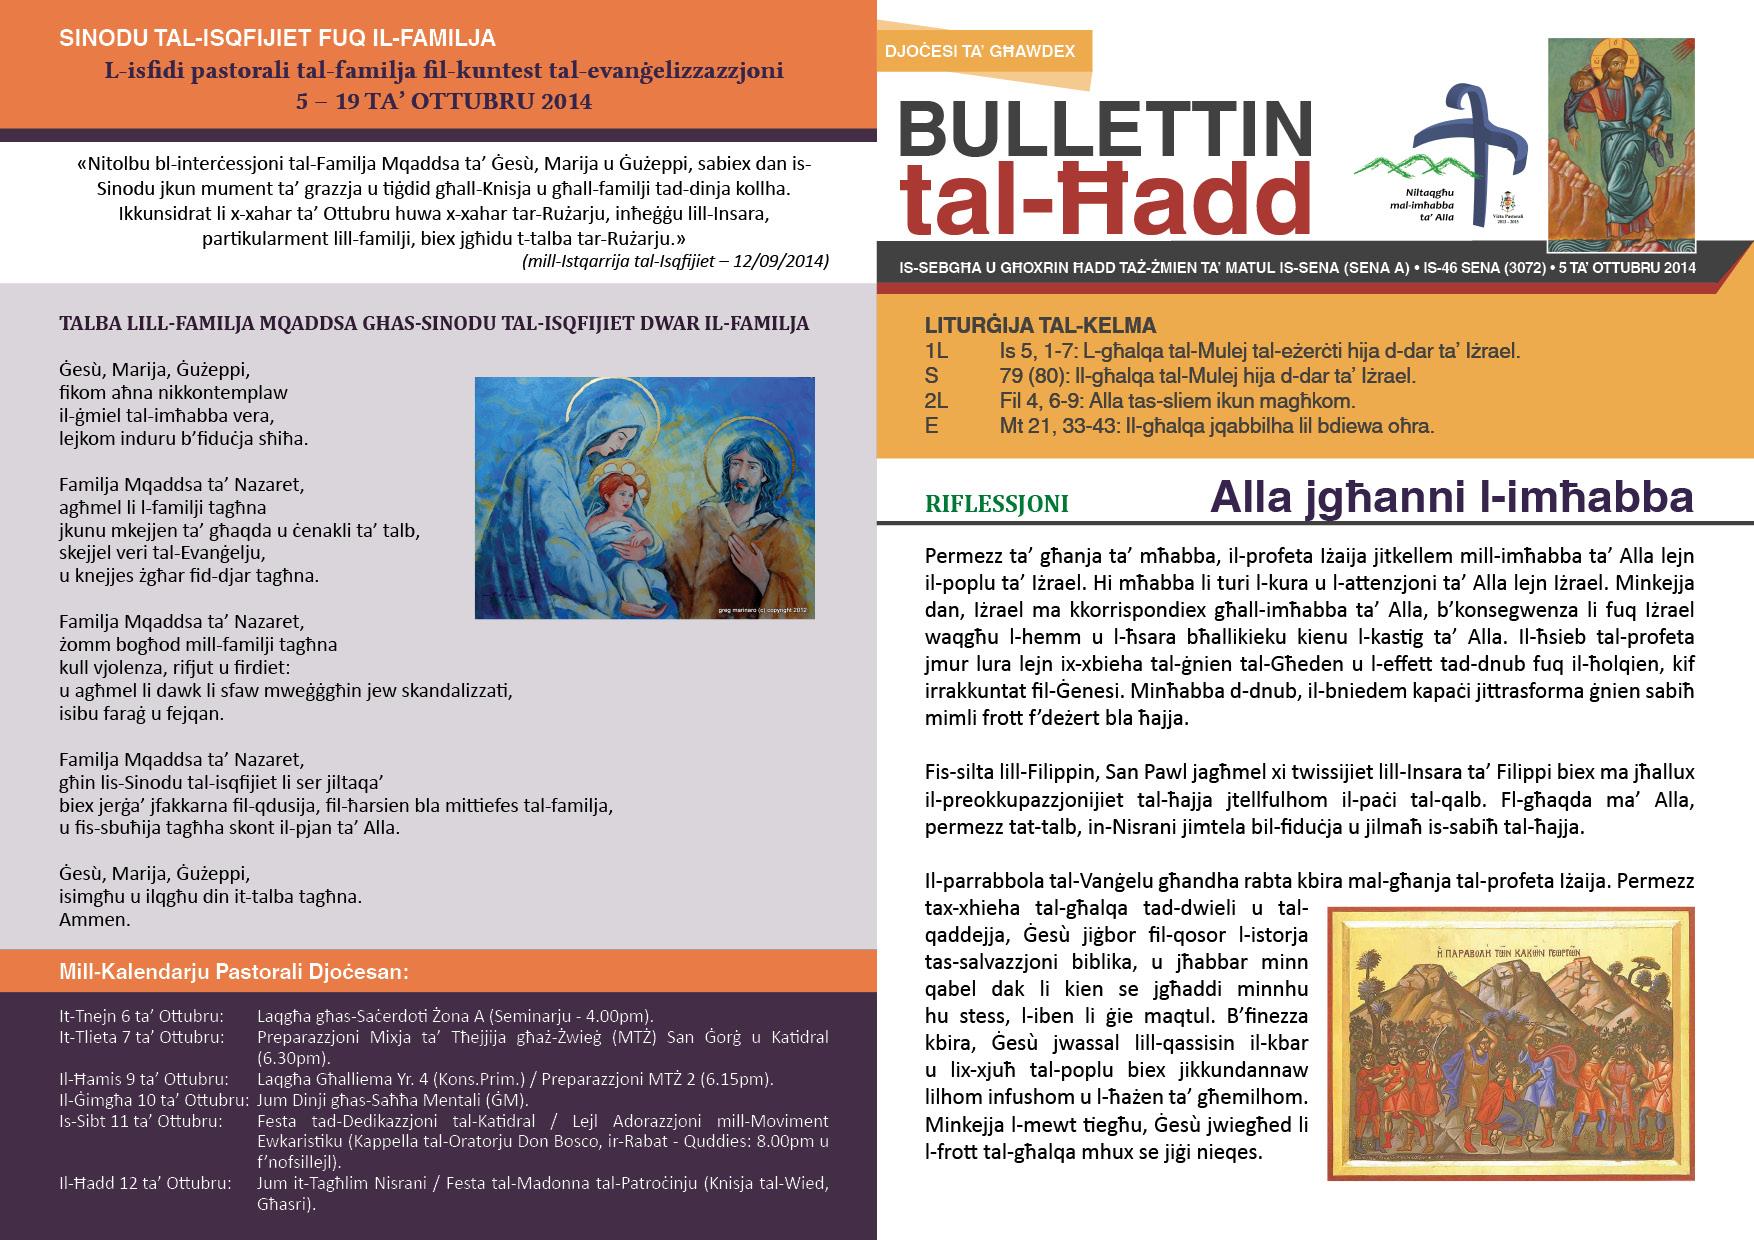 bullettin-2014-ottubru-05.jpg